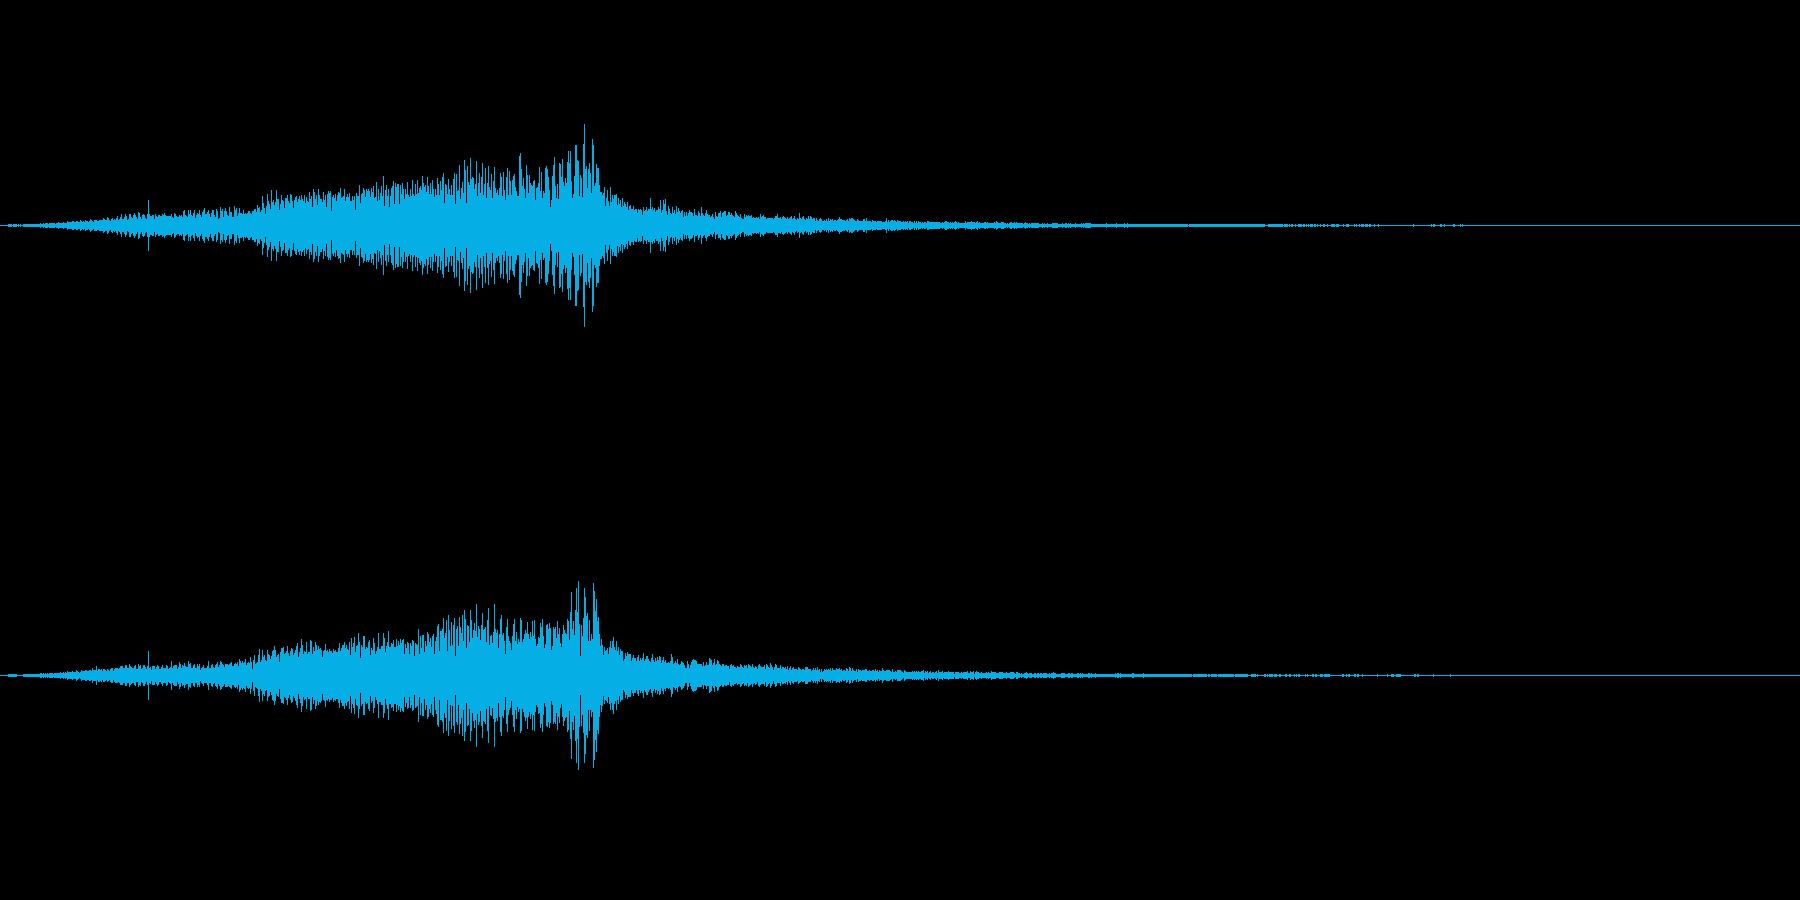 ビーム・レーザー等の効果音(低めの音)の再生済みの波形